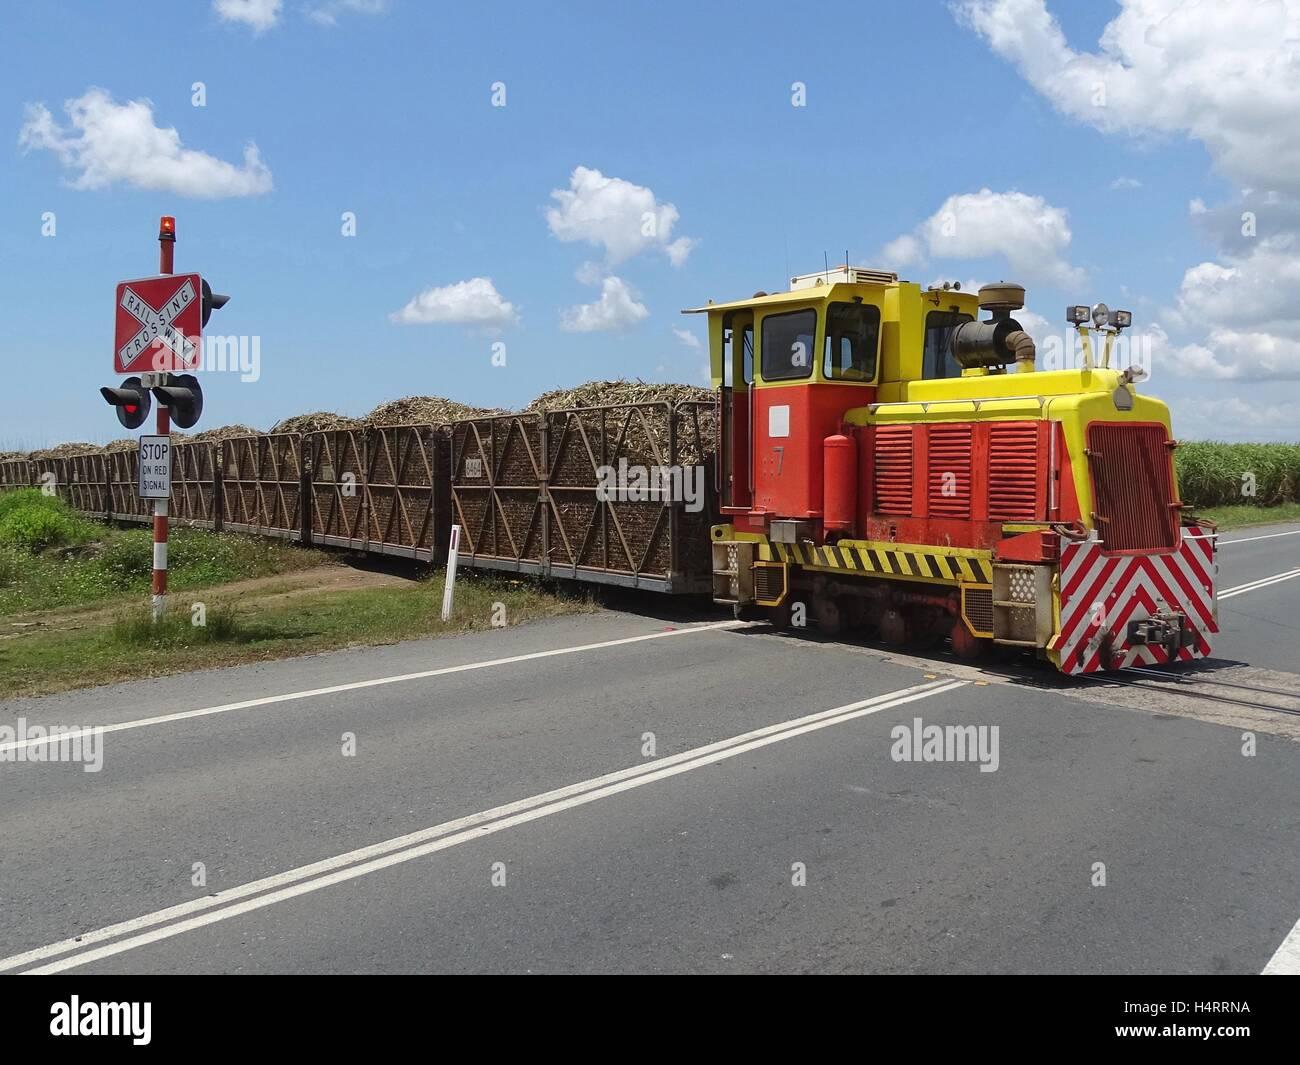 Engine hauling sugar cane - Stock Image